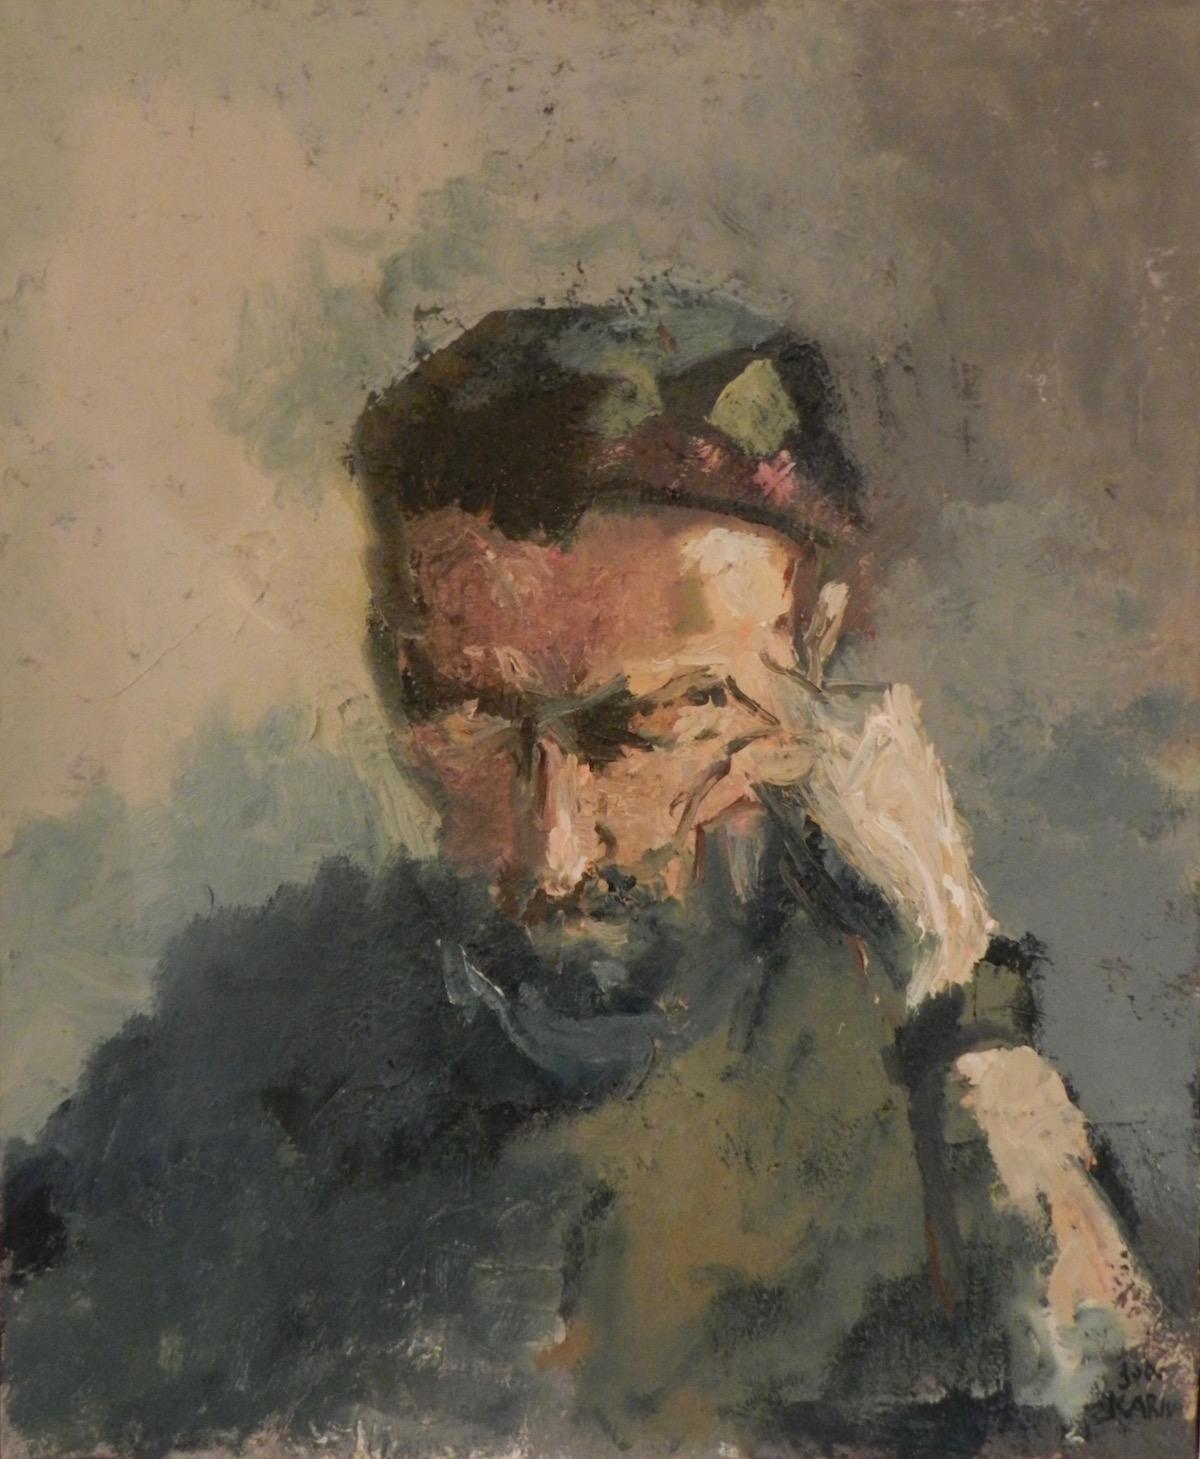 LE CAUCASIEN, acrylique sur toile, cm 70x63